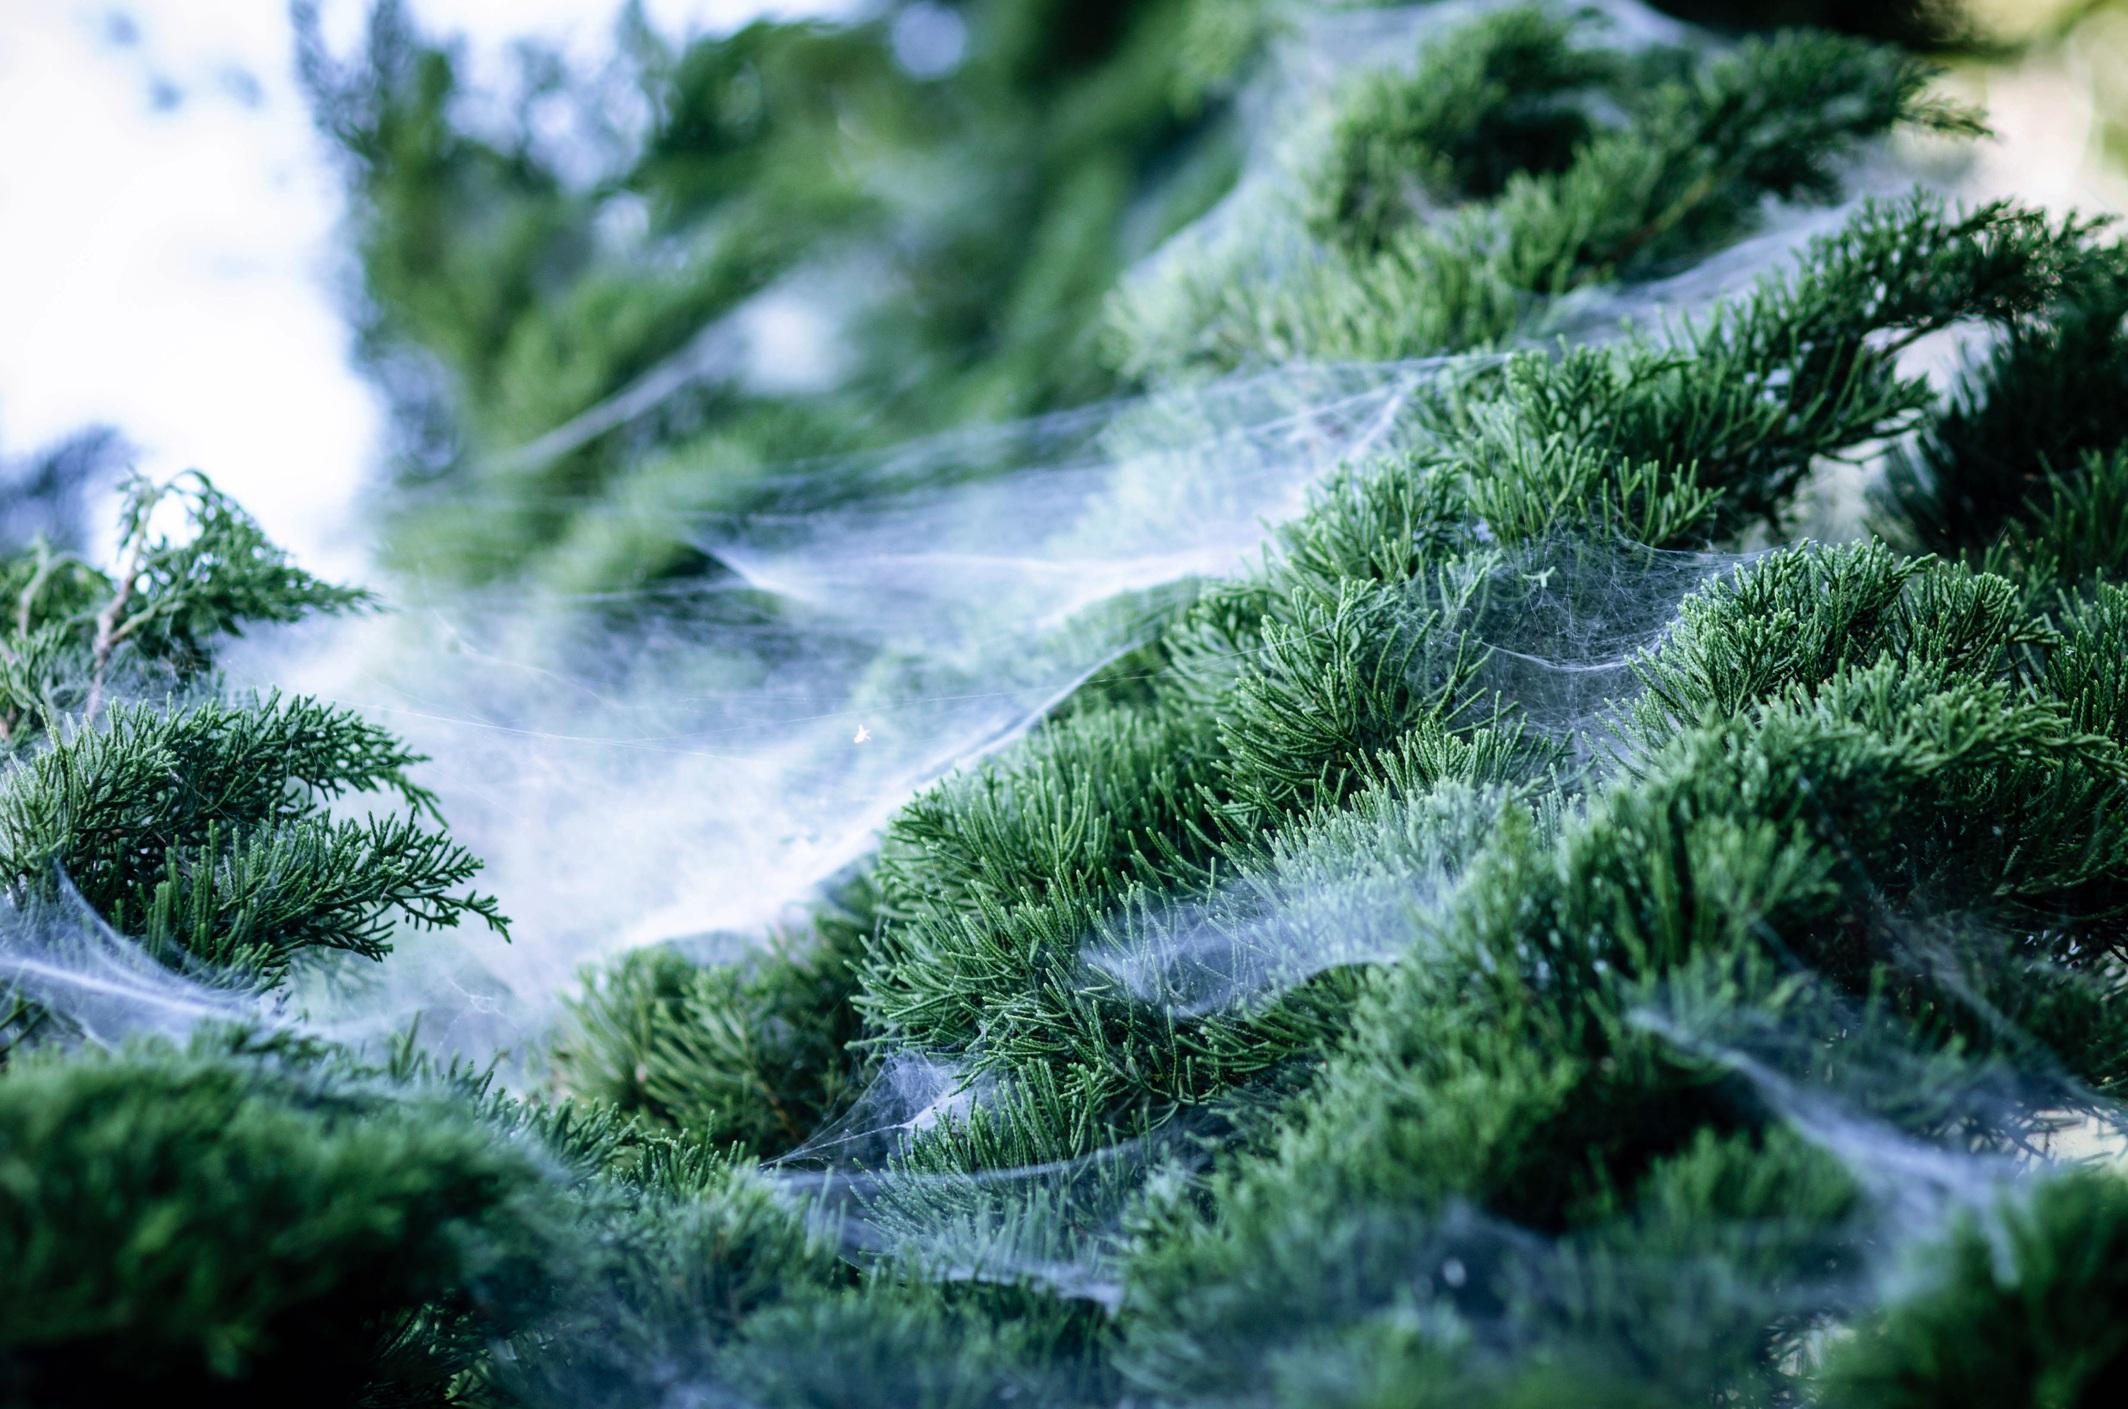 Cobweb on pine tree